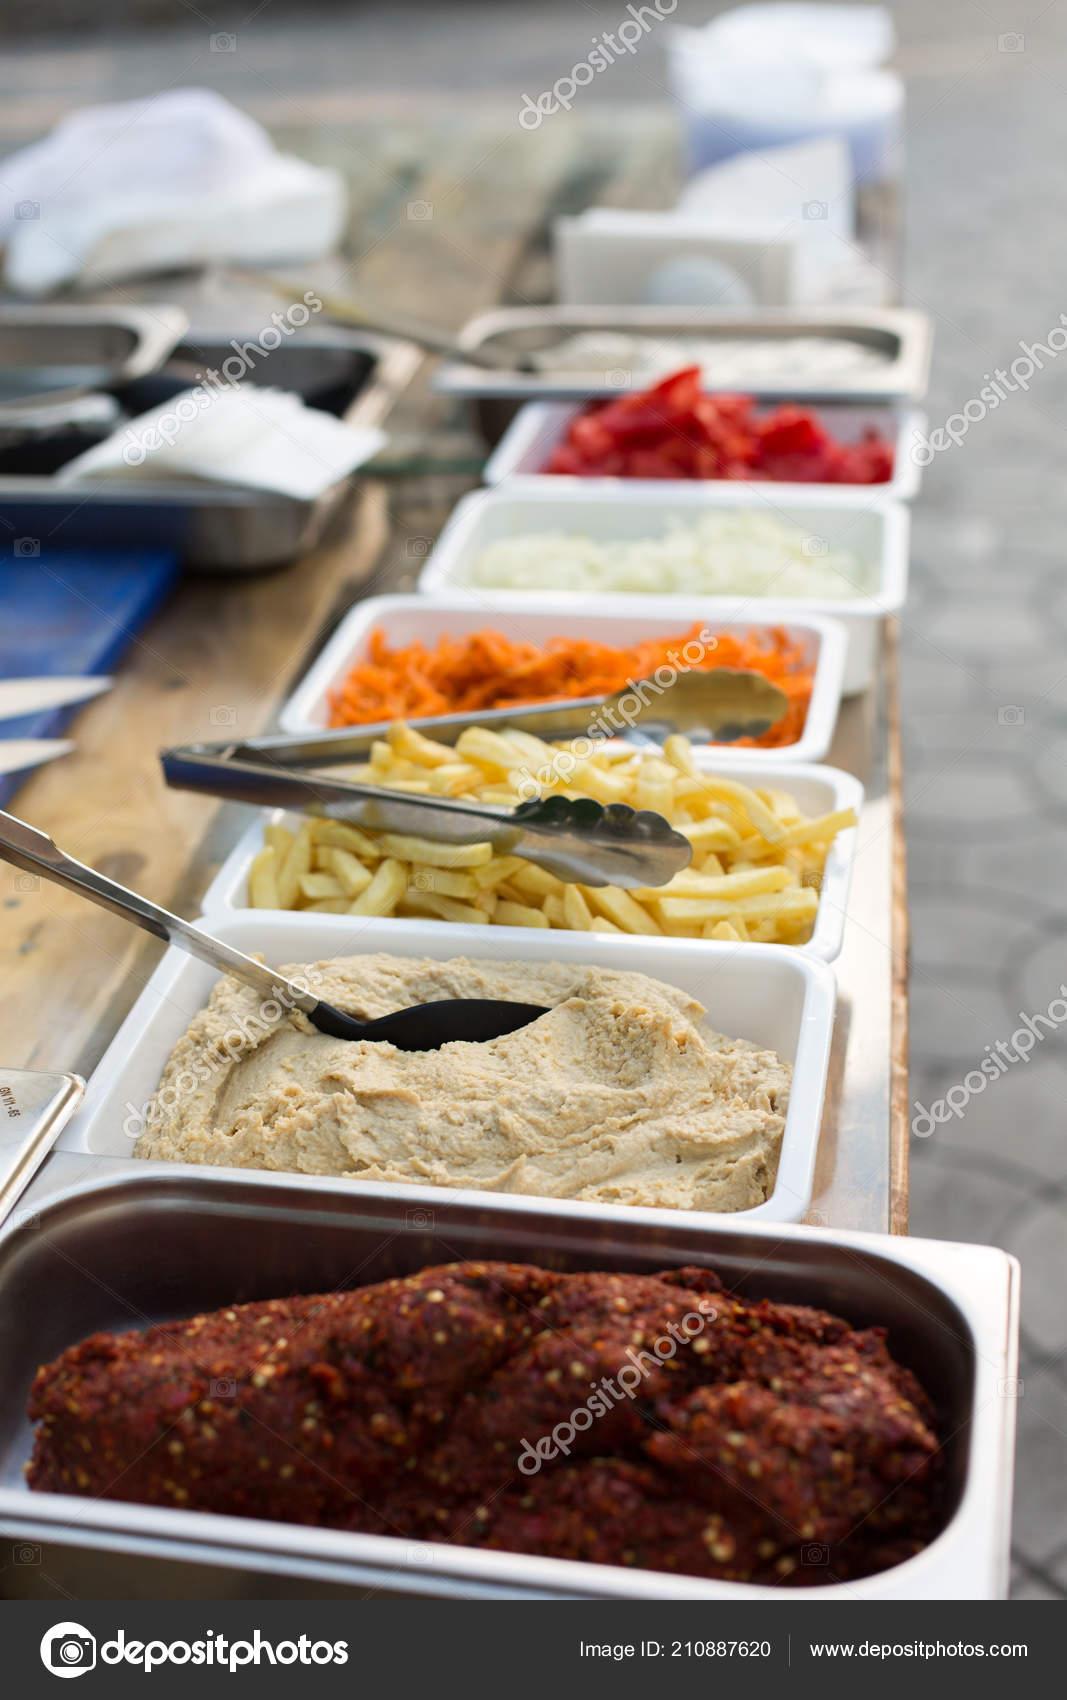 kitchen booths modern knobs 露天厨房产品用于烹调三明治在木桌上的菜肴街头食品准备在食品摊位服务 露天厨房产品 用于烹调三明治在木桌上的菜肴 街头食品准备在食品摊位服务 照片作者kukota